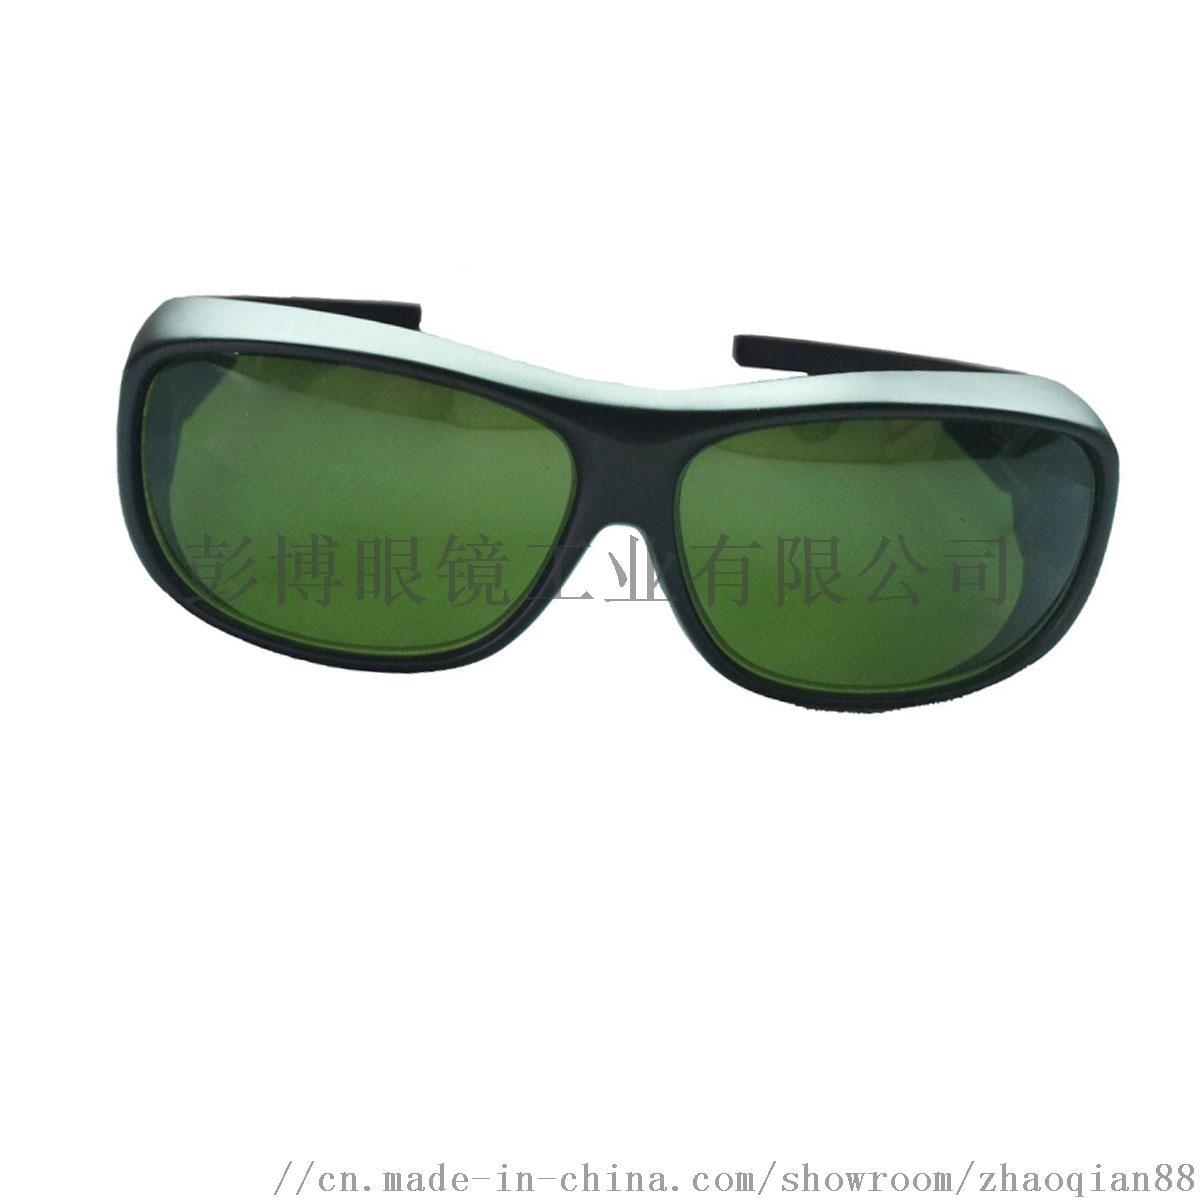 BP-3192黑框綠片 (4).jpg